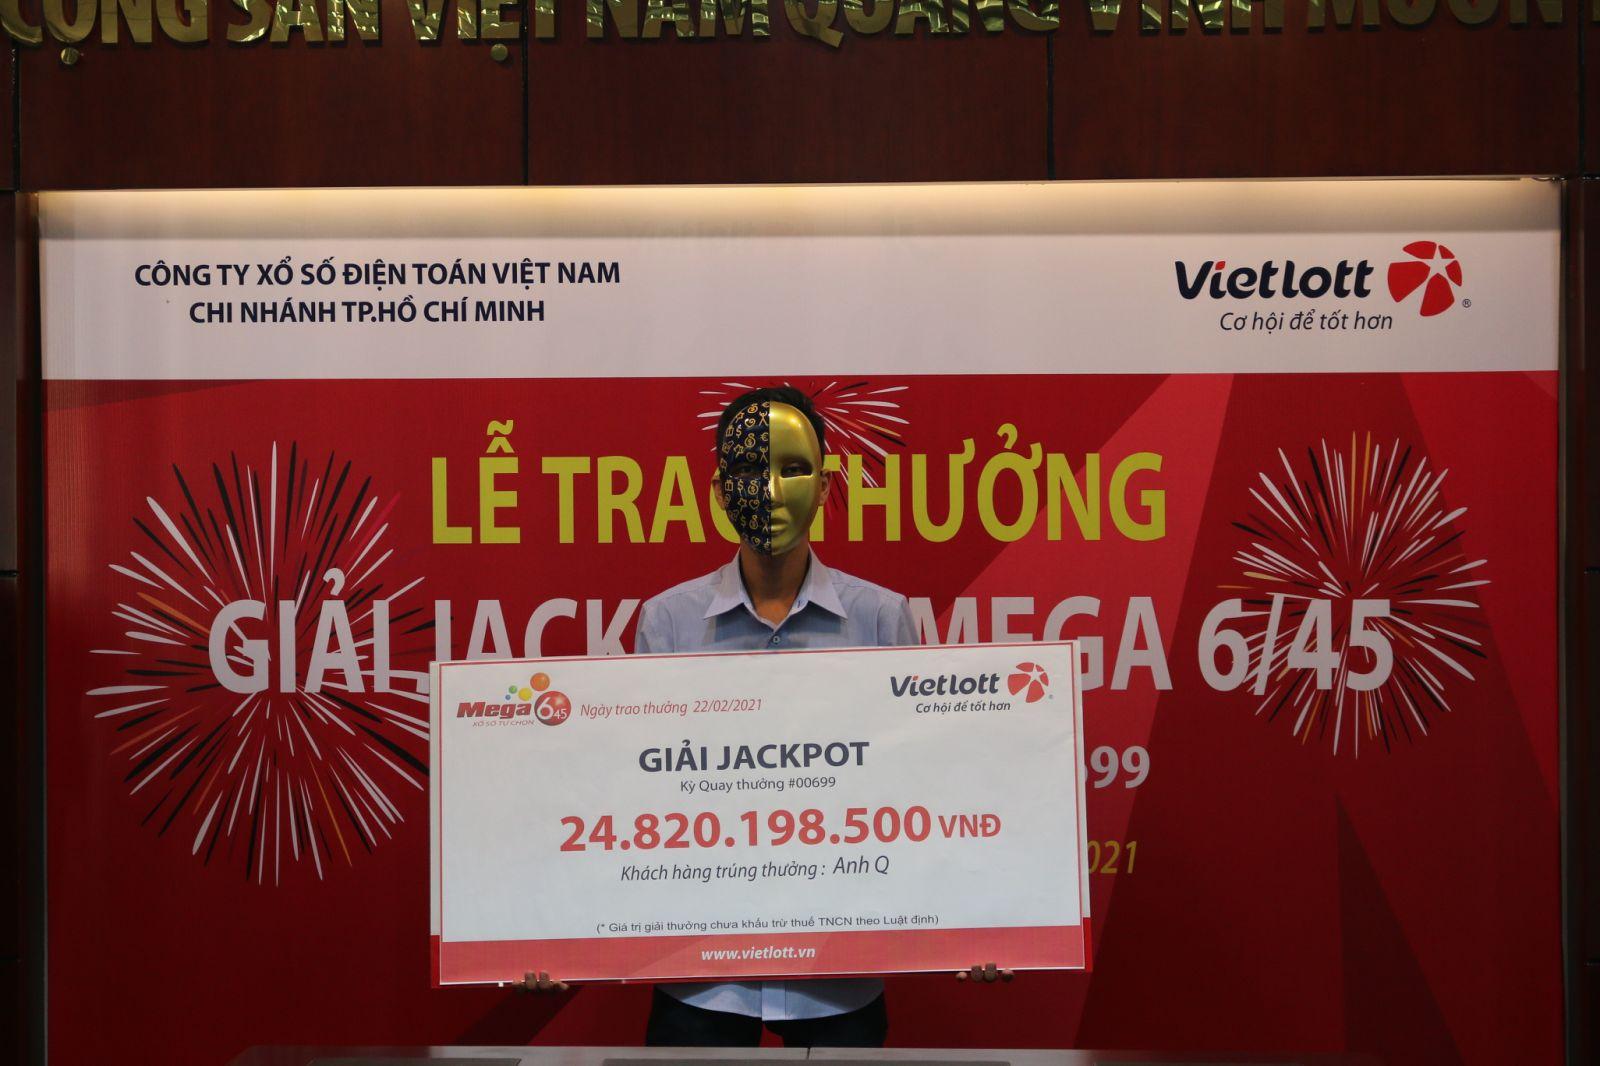 Trao thưởng Jackpot Mega 6/45 hơn 24 tỷ đồng tại Tp. Hồ Chí Minh